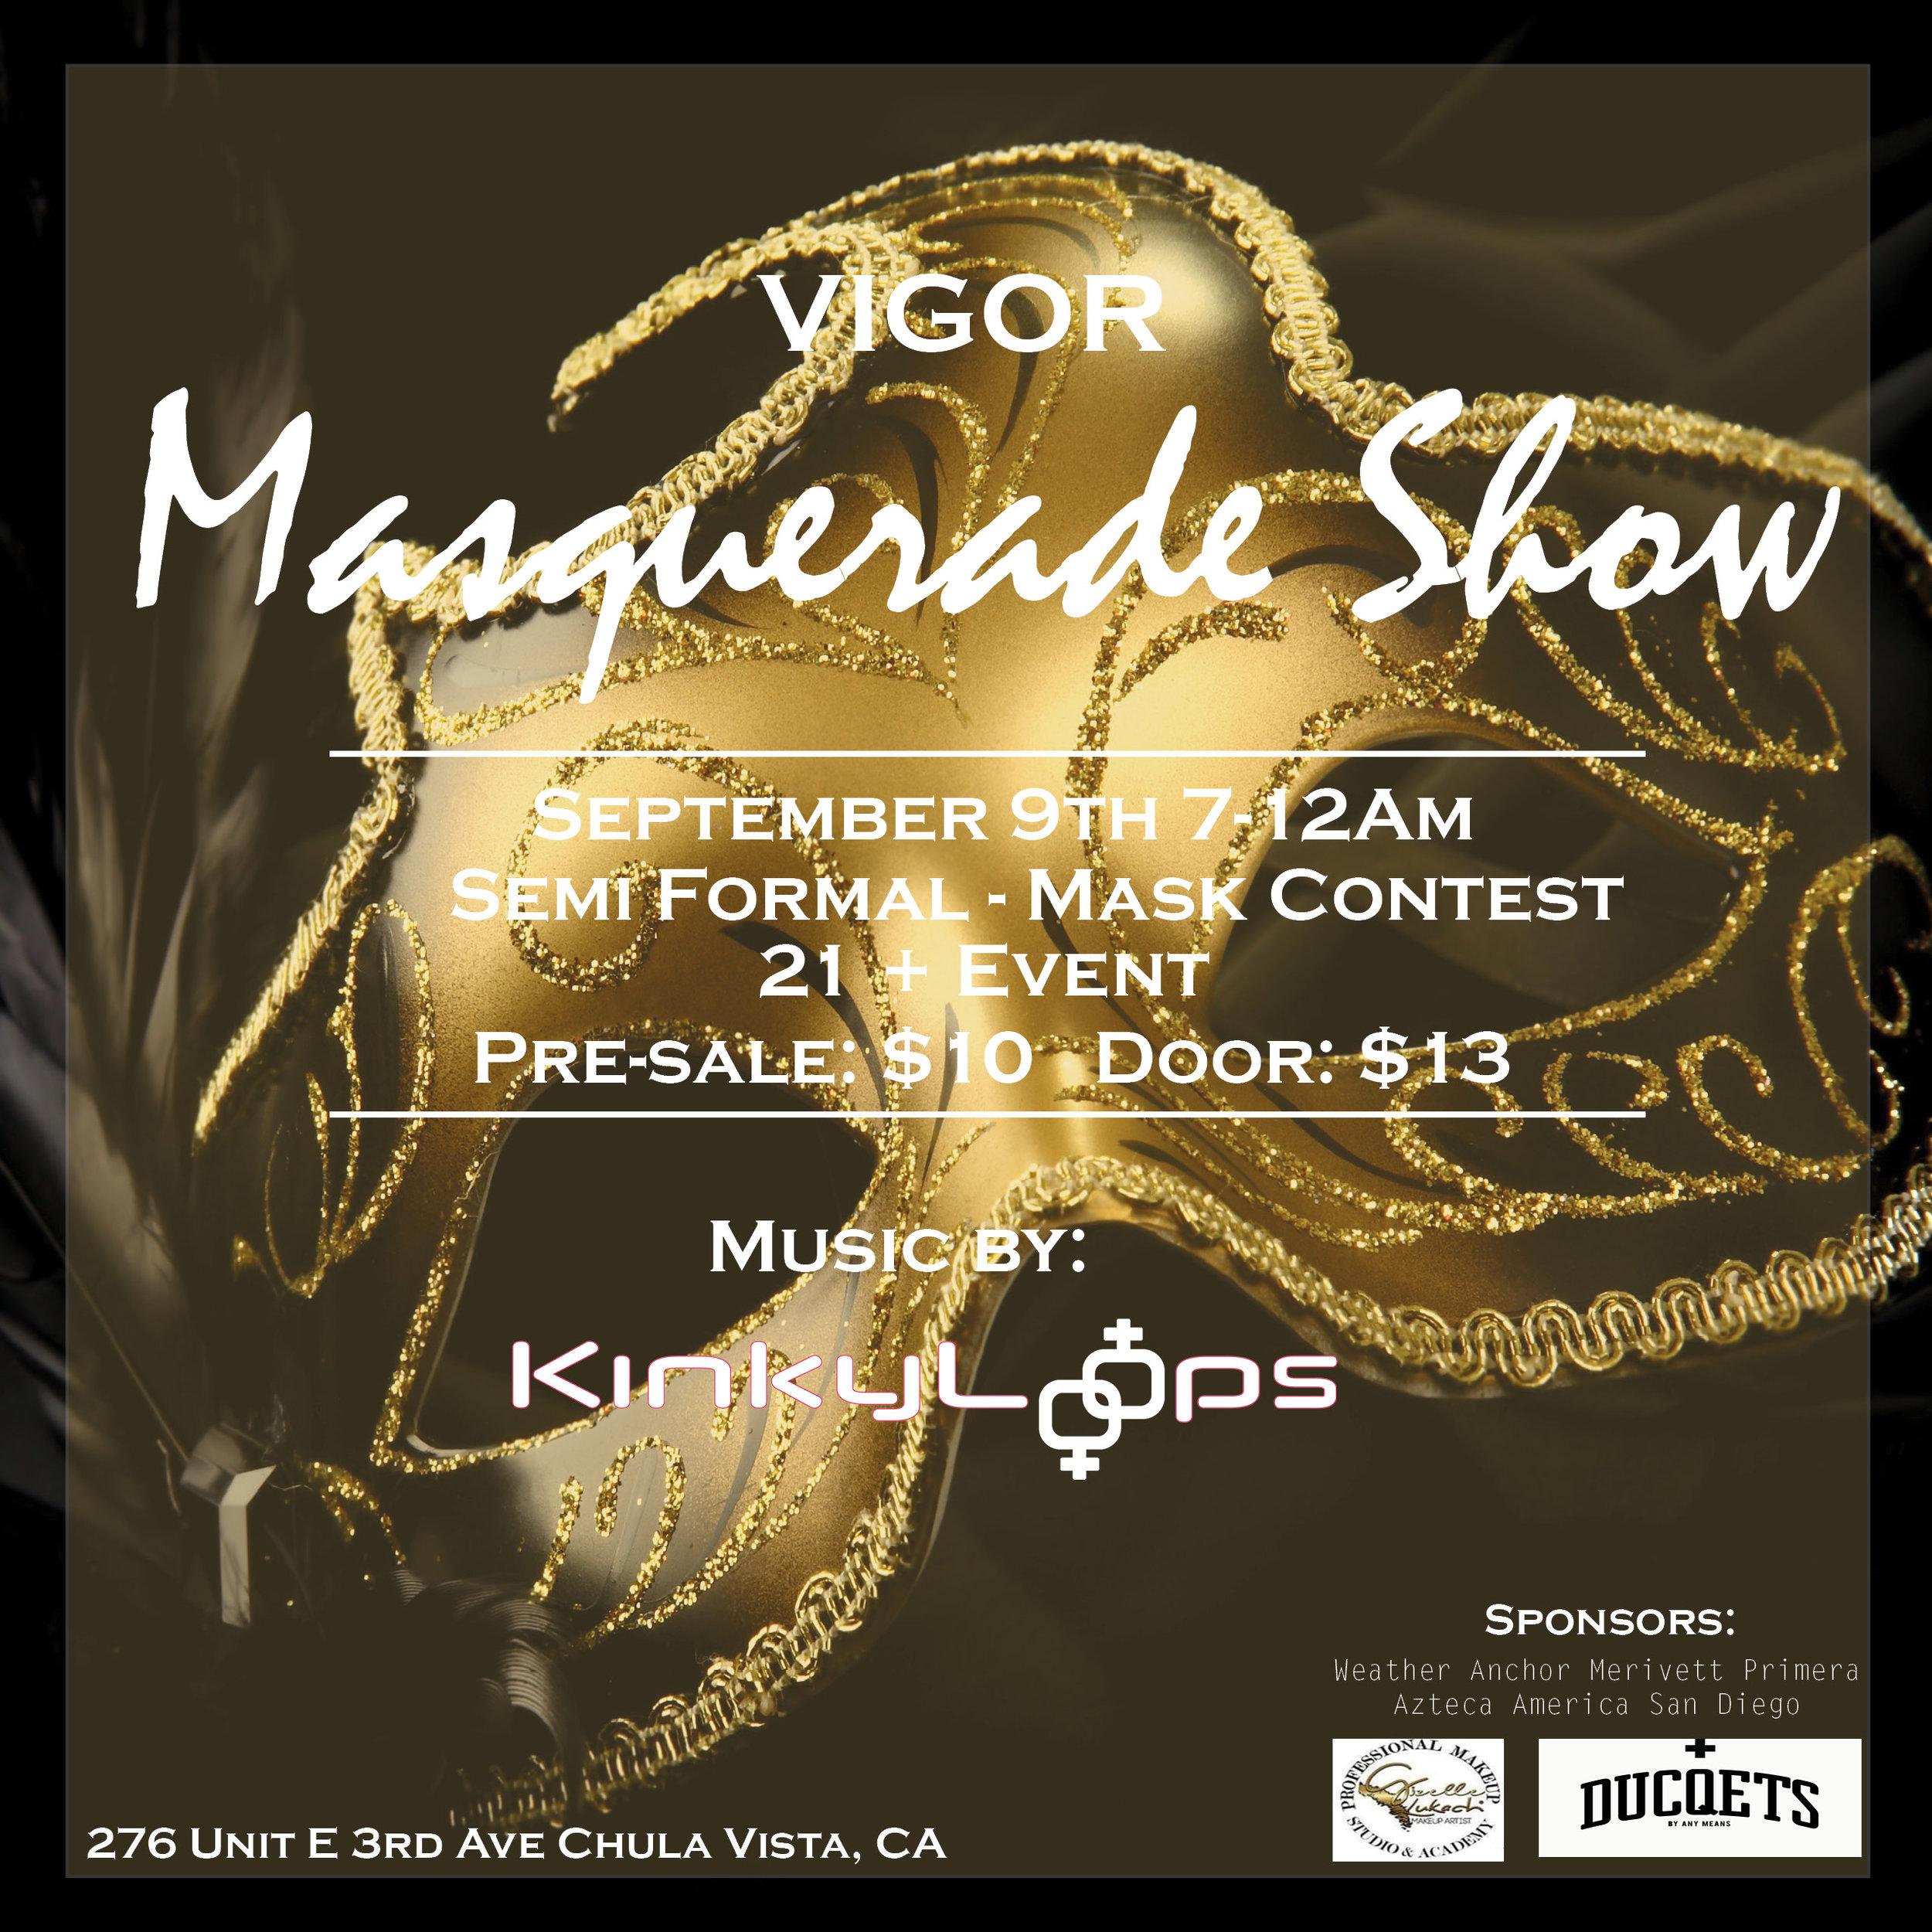 Masquerade Show flyer 2.jpg